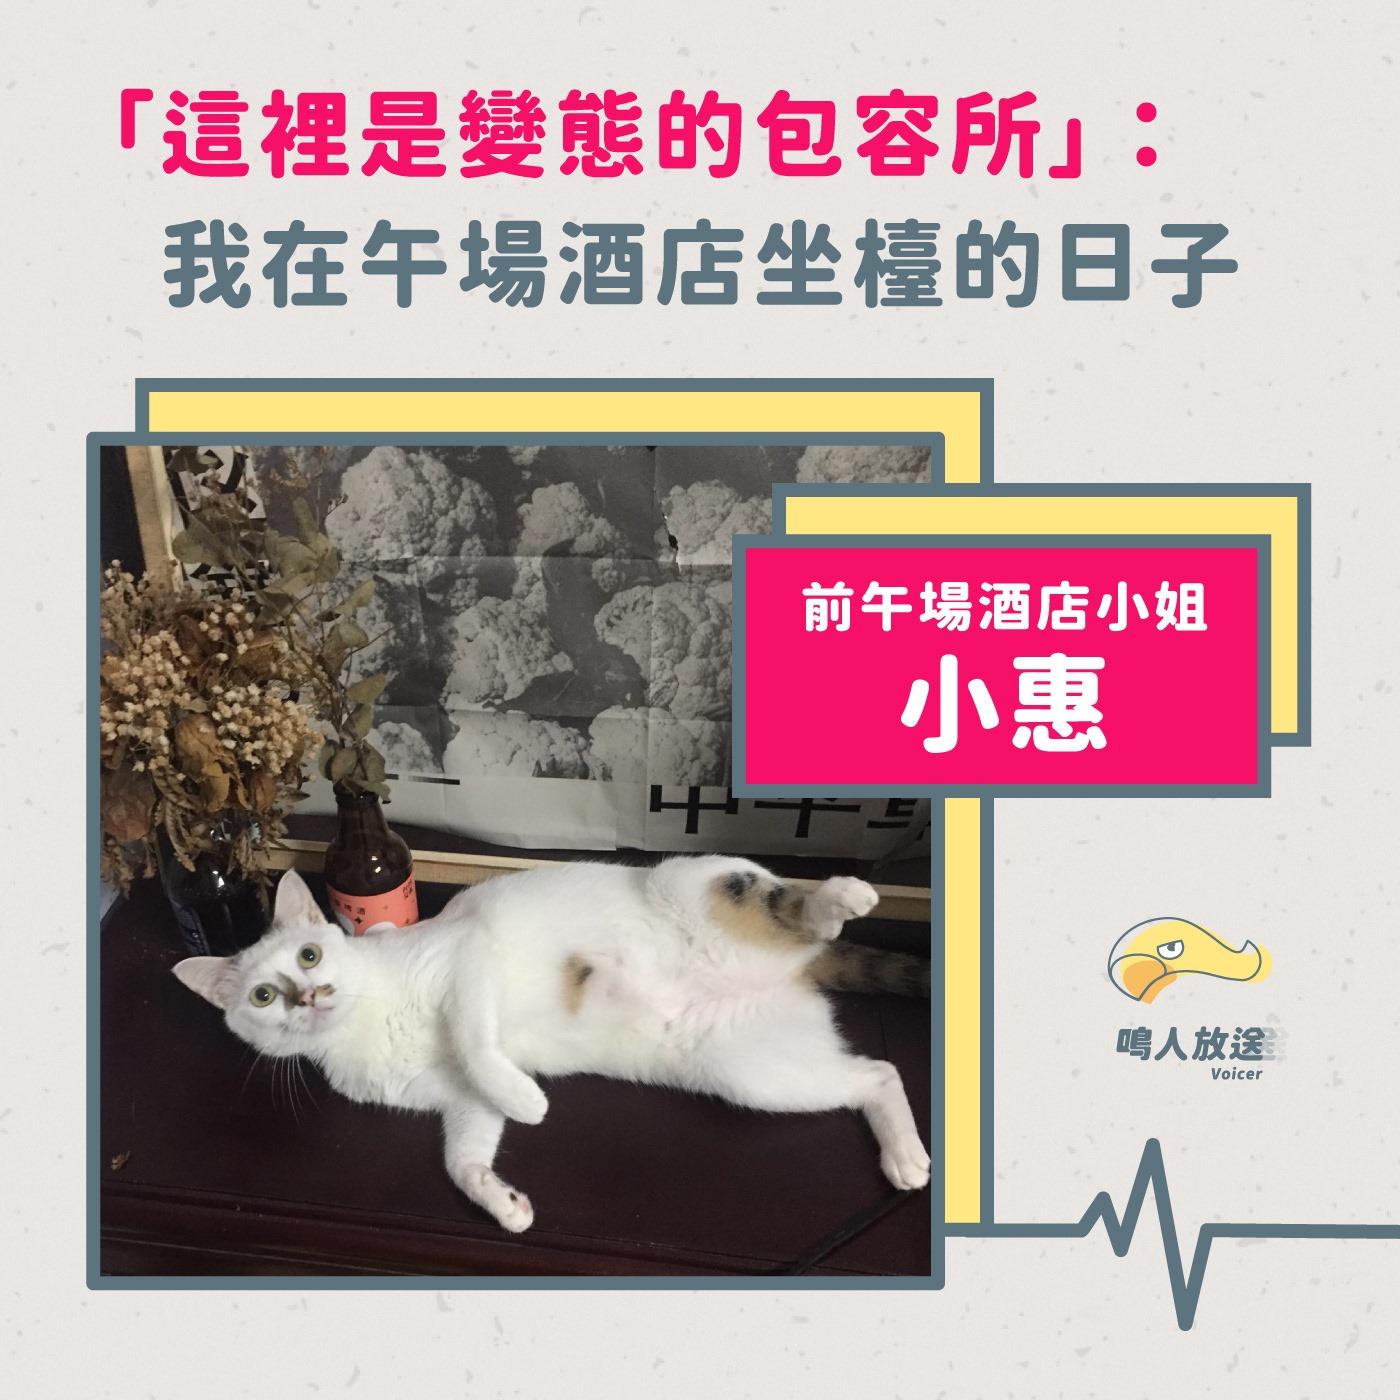 #32-1 午場酒店小姐現身:不喝酒的酒店,誰在消費和服務? ft. 小惠